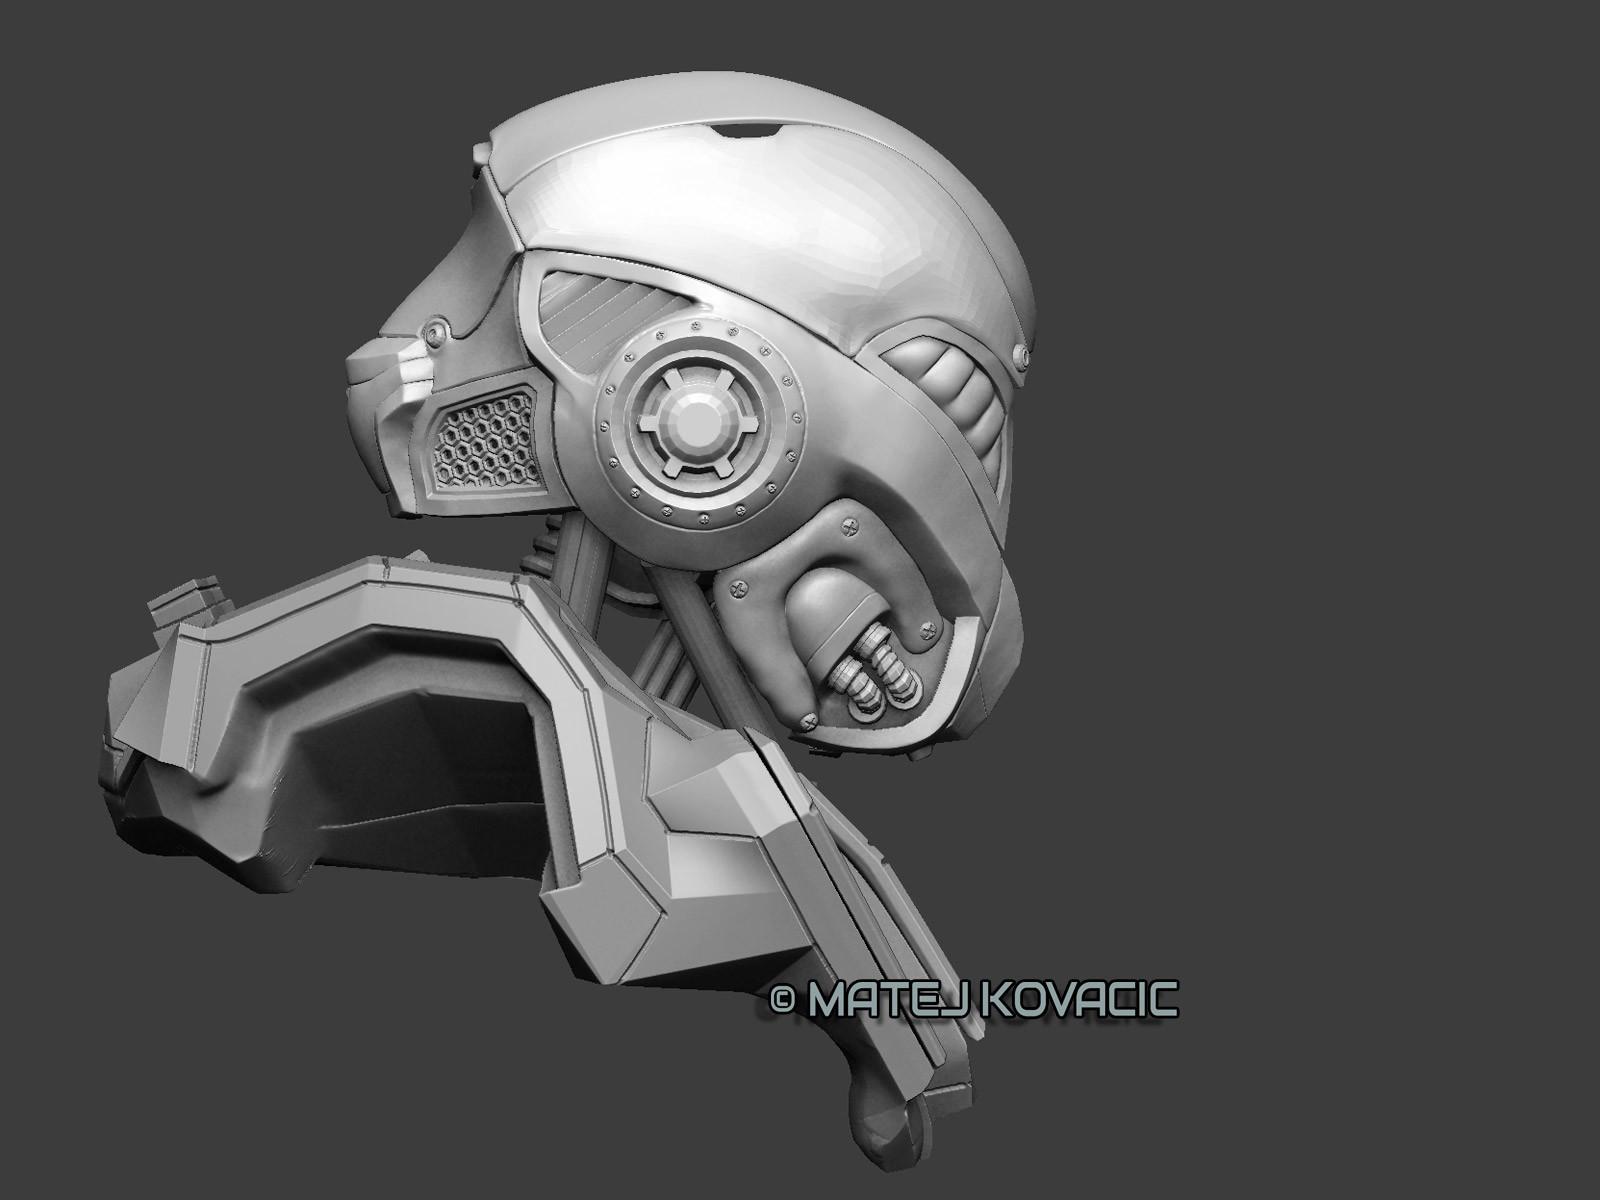 Matej kovacic sci fi helmet rx 51 zb side by matej kovacic